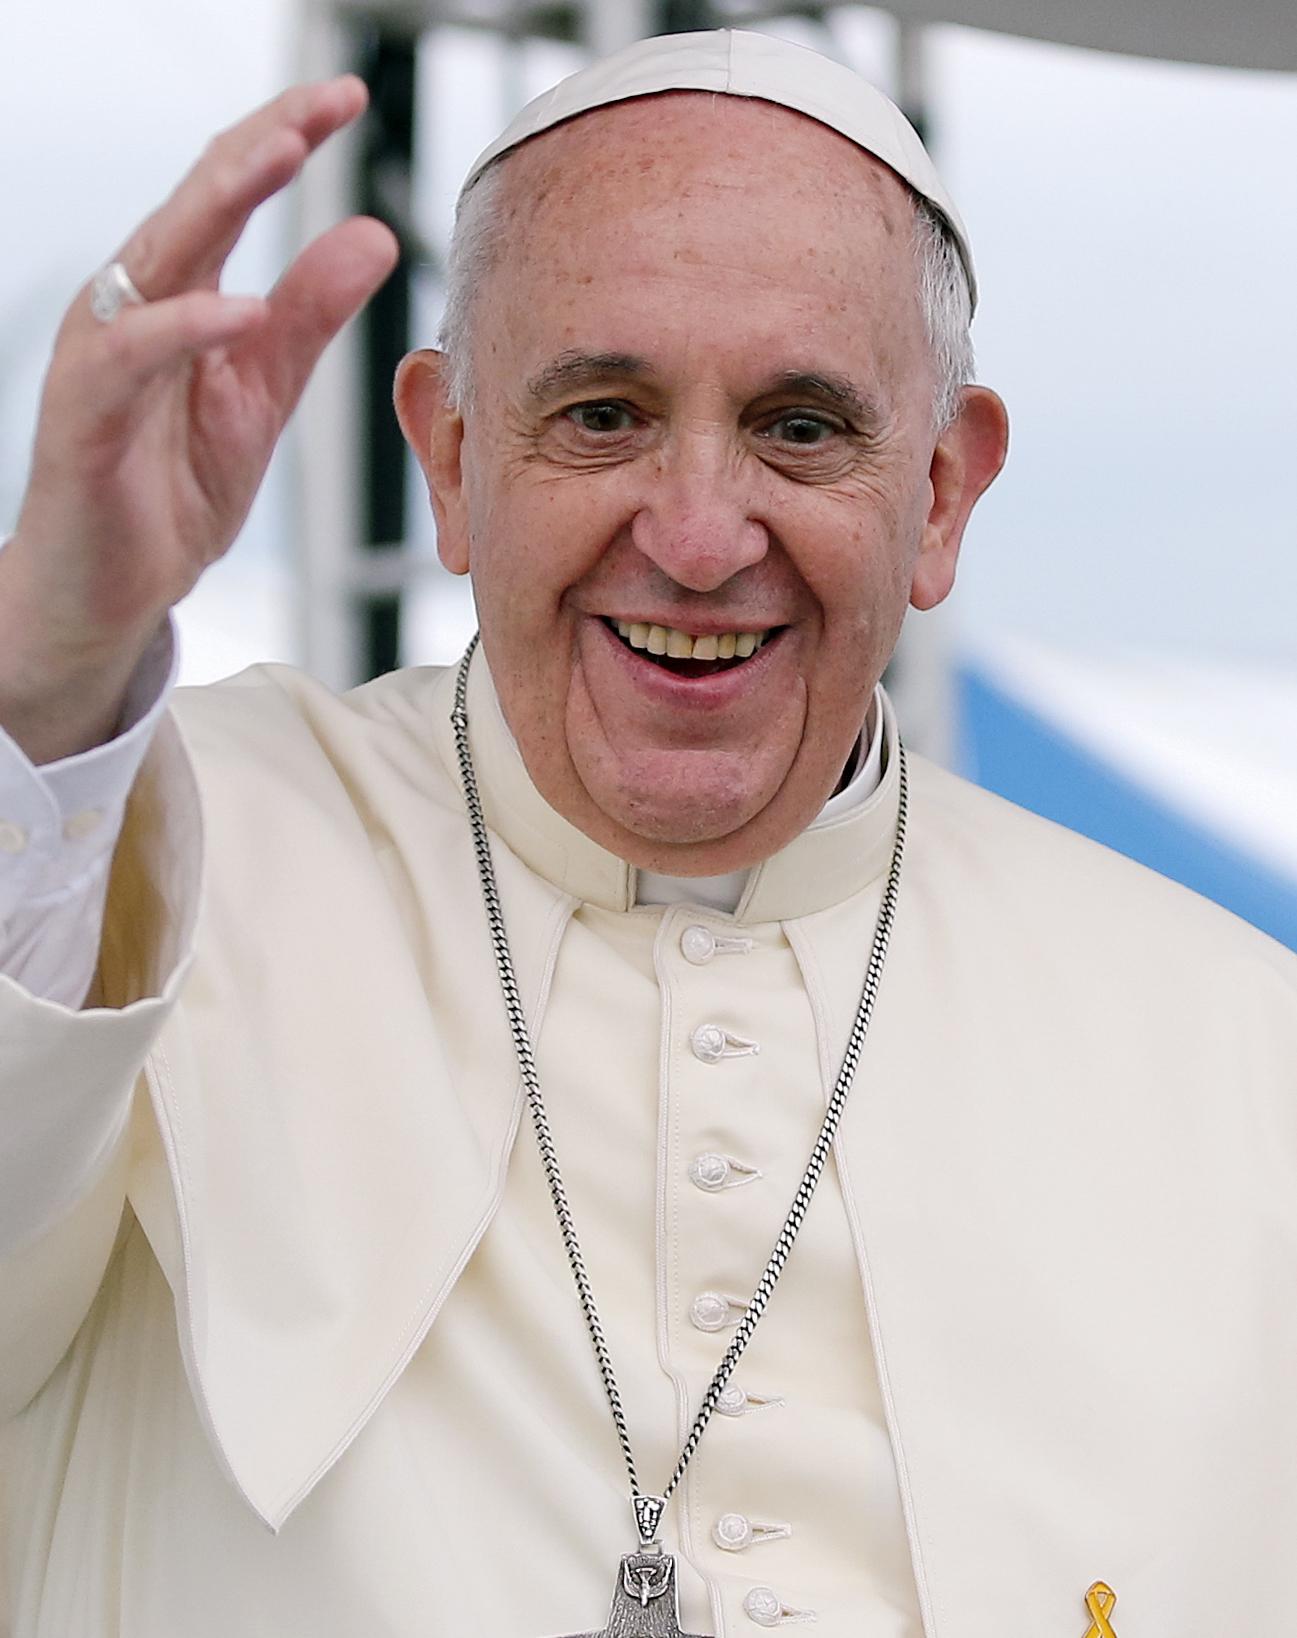 Paus Franciscus haalt hard uit naar abortus